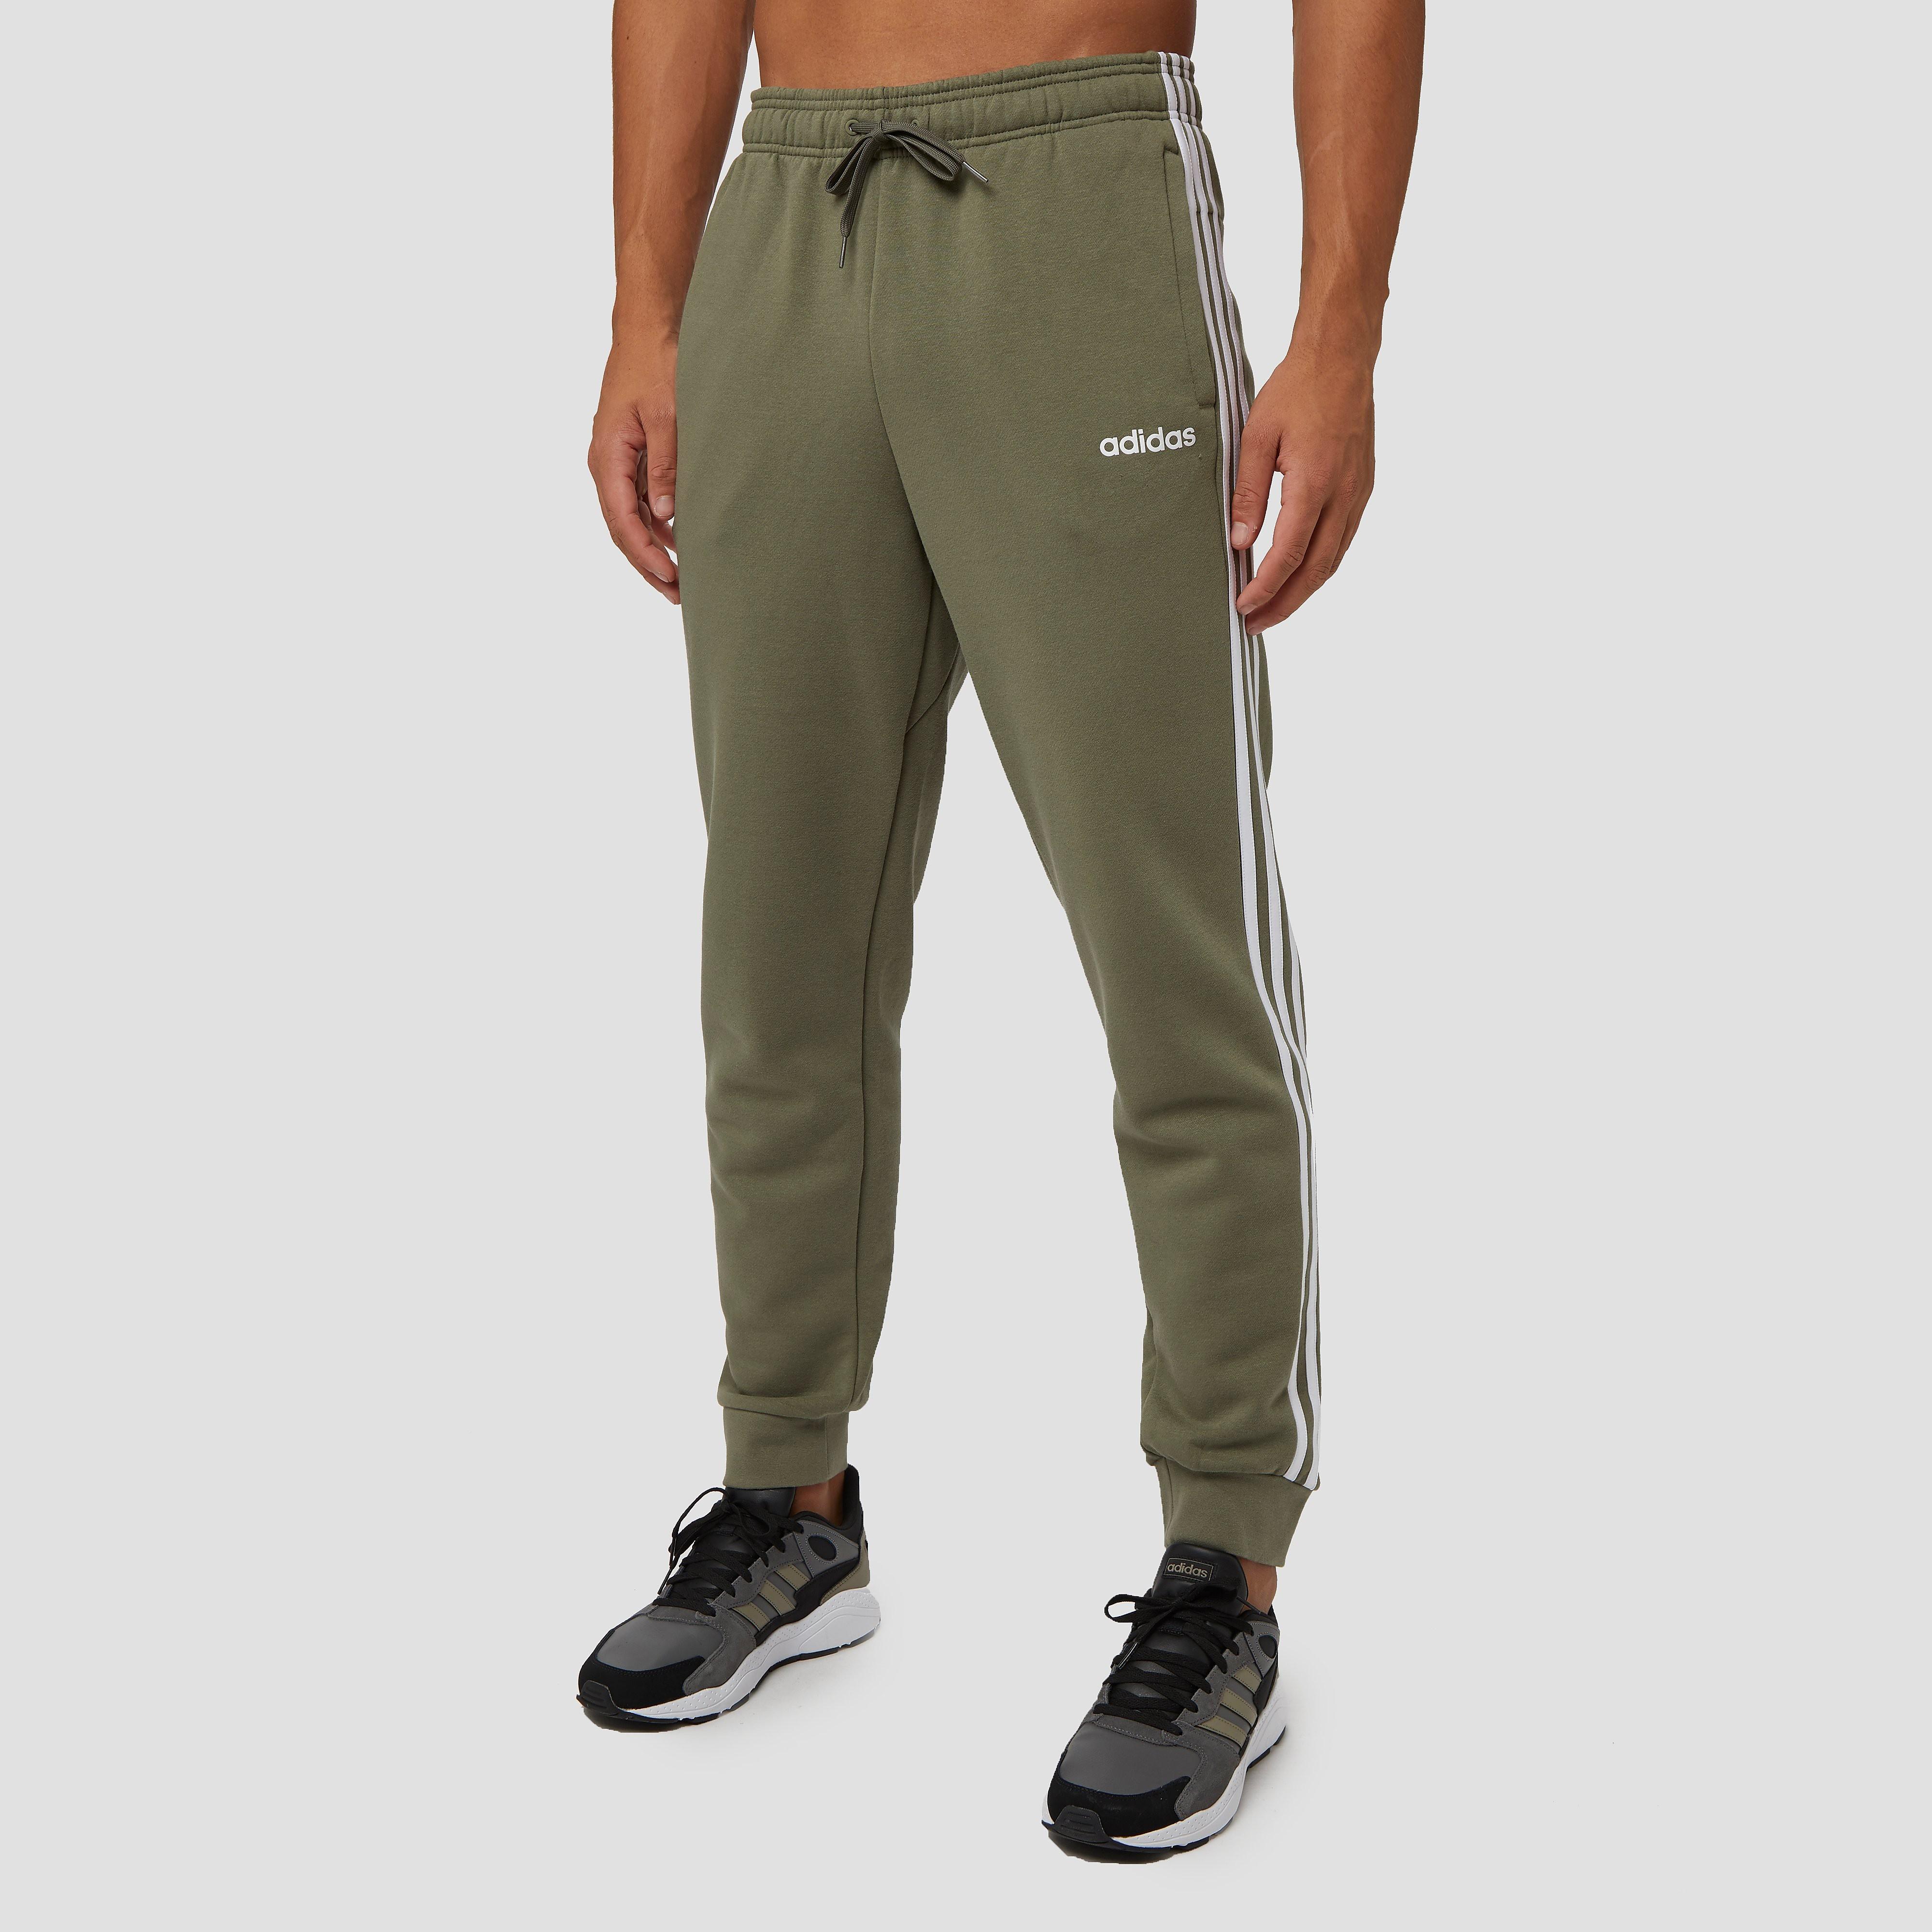 adidas Essentials 3-stripes joggingbroek groen heren Heren